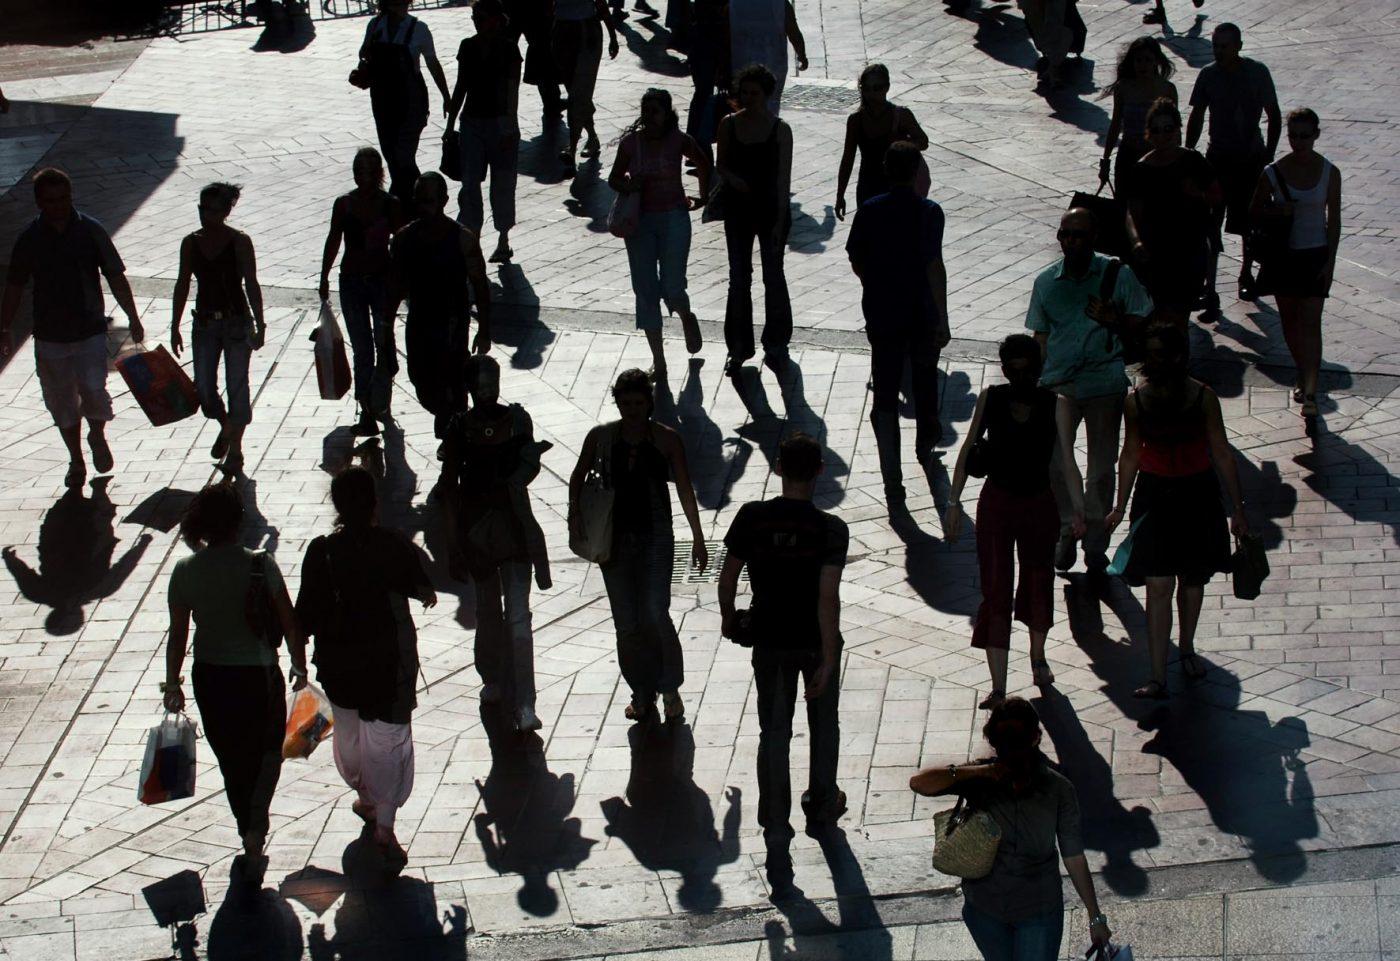 Démographie : L'Occitanie gagne 47 000 habitants chaque année